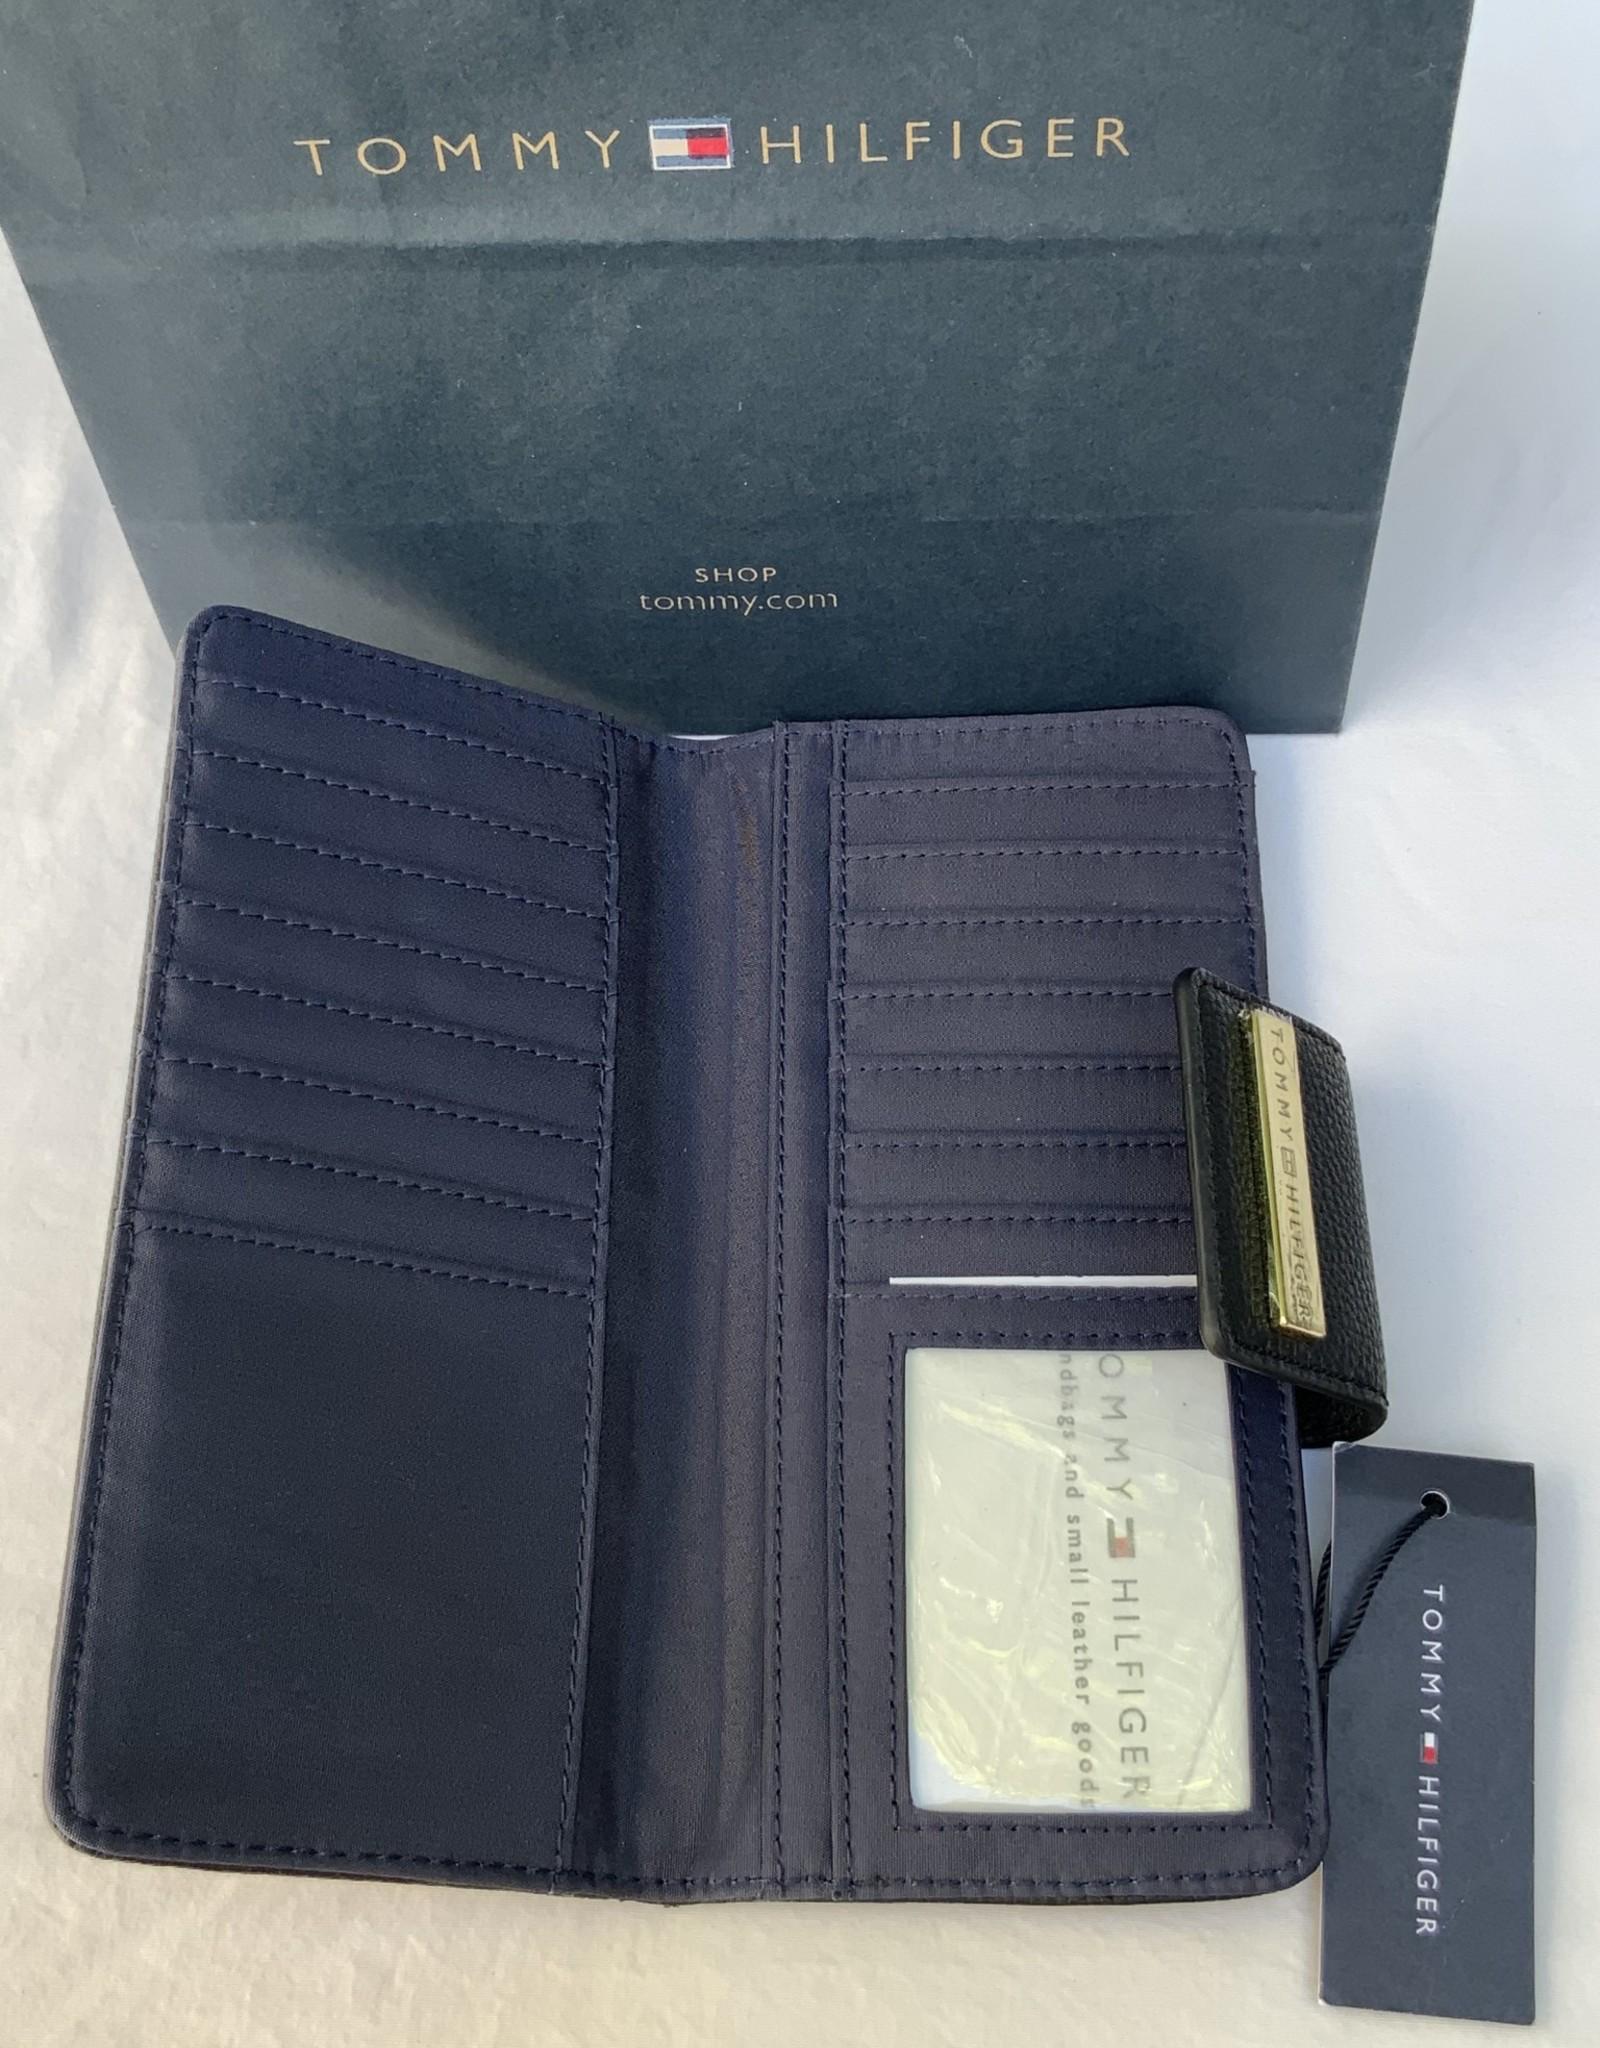 Tommy Hilfiger Tommy Hilfiger Wallet Snap Credit Card Case